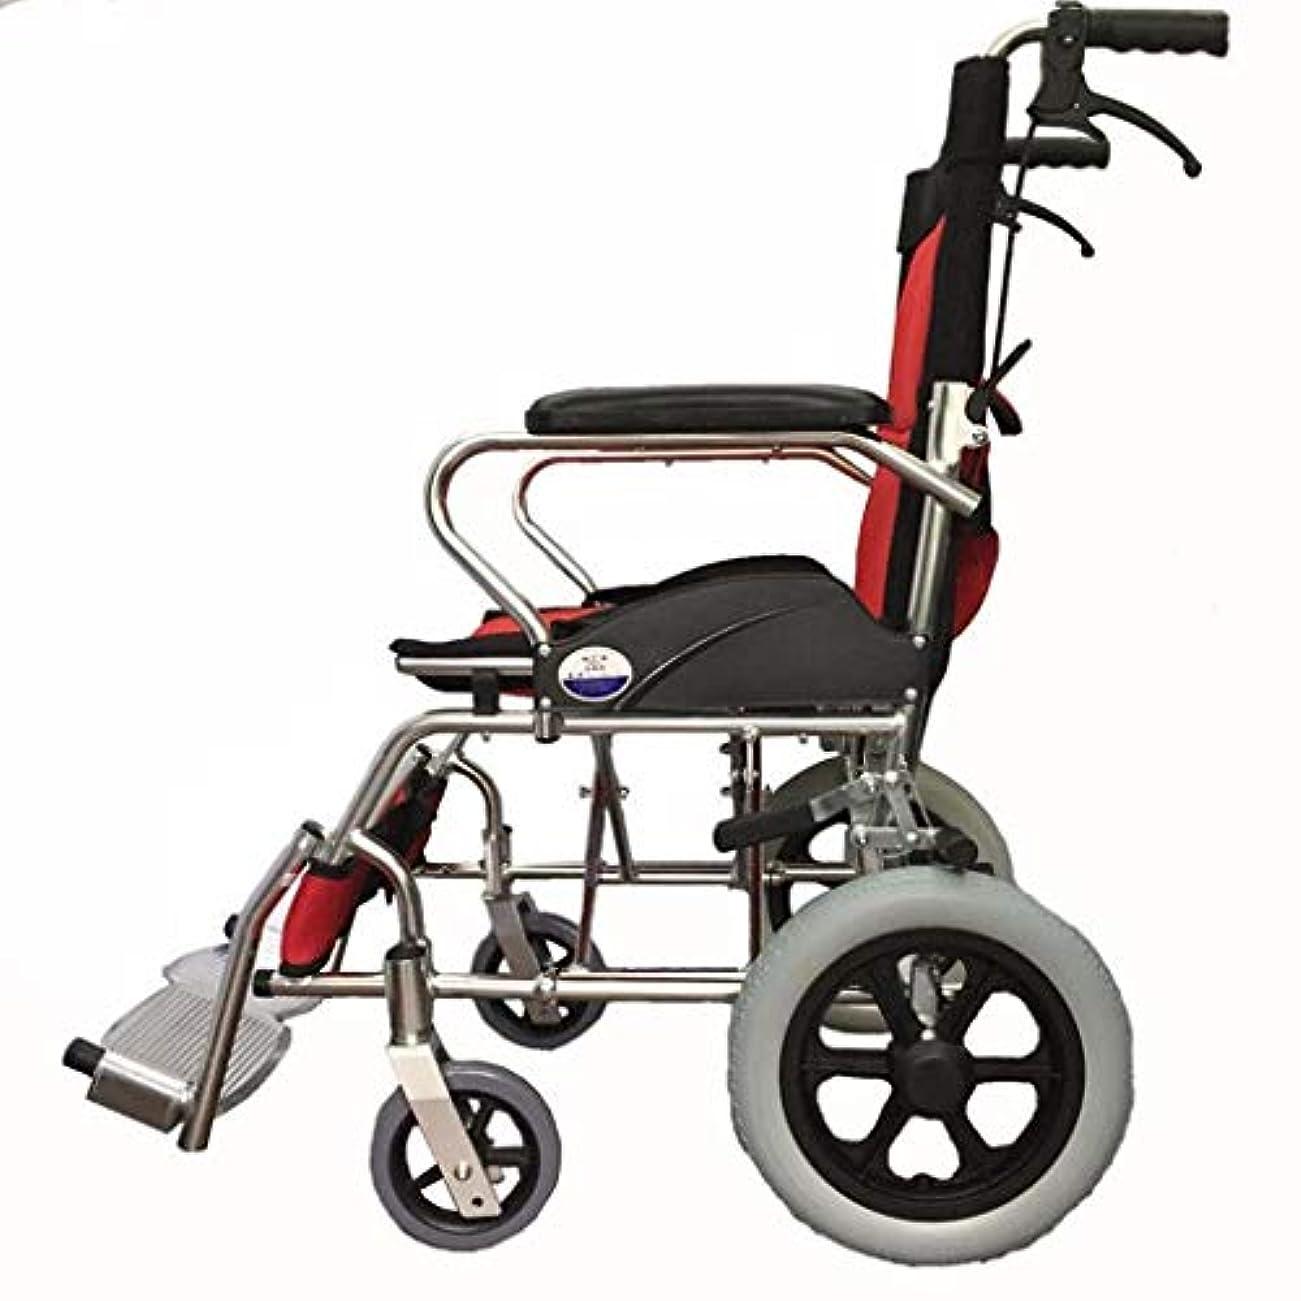 真珠のような解き明かす批評車椅子折りたたみ式、アルミ合金ポータブル手動車椅子、障害者、高齢者の屋外旅行に適しています